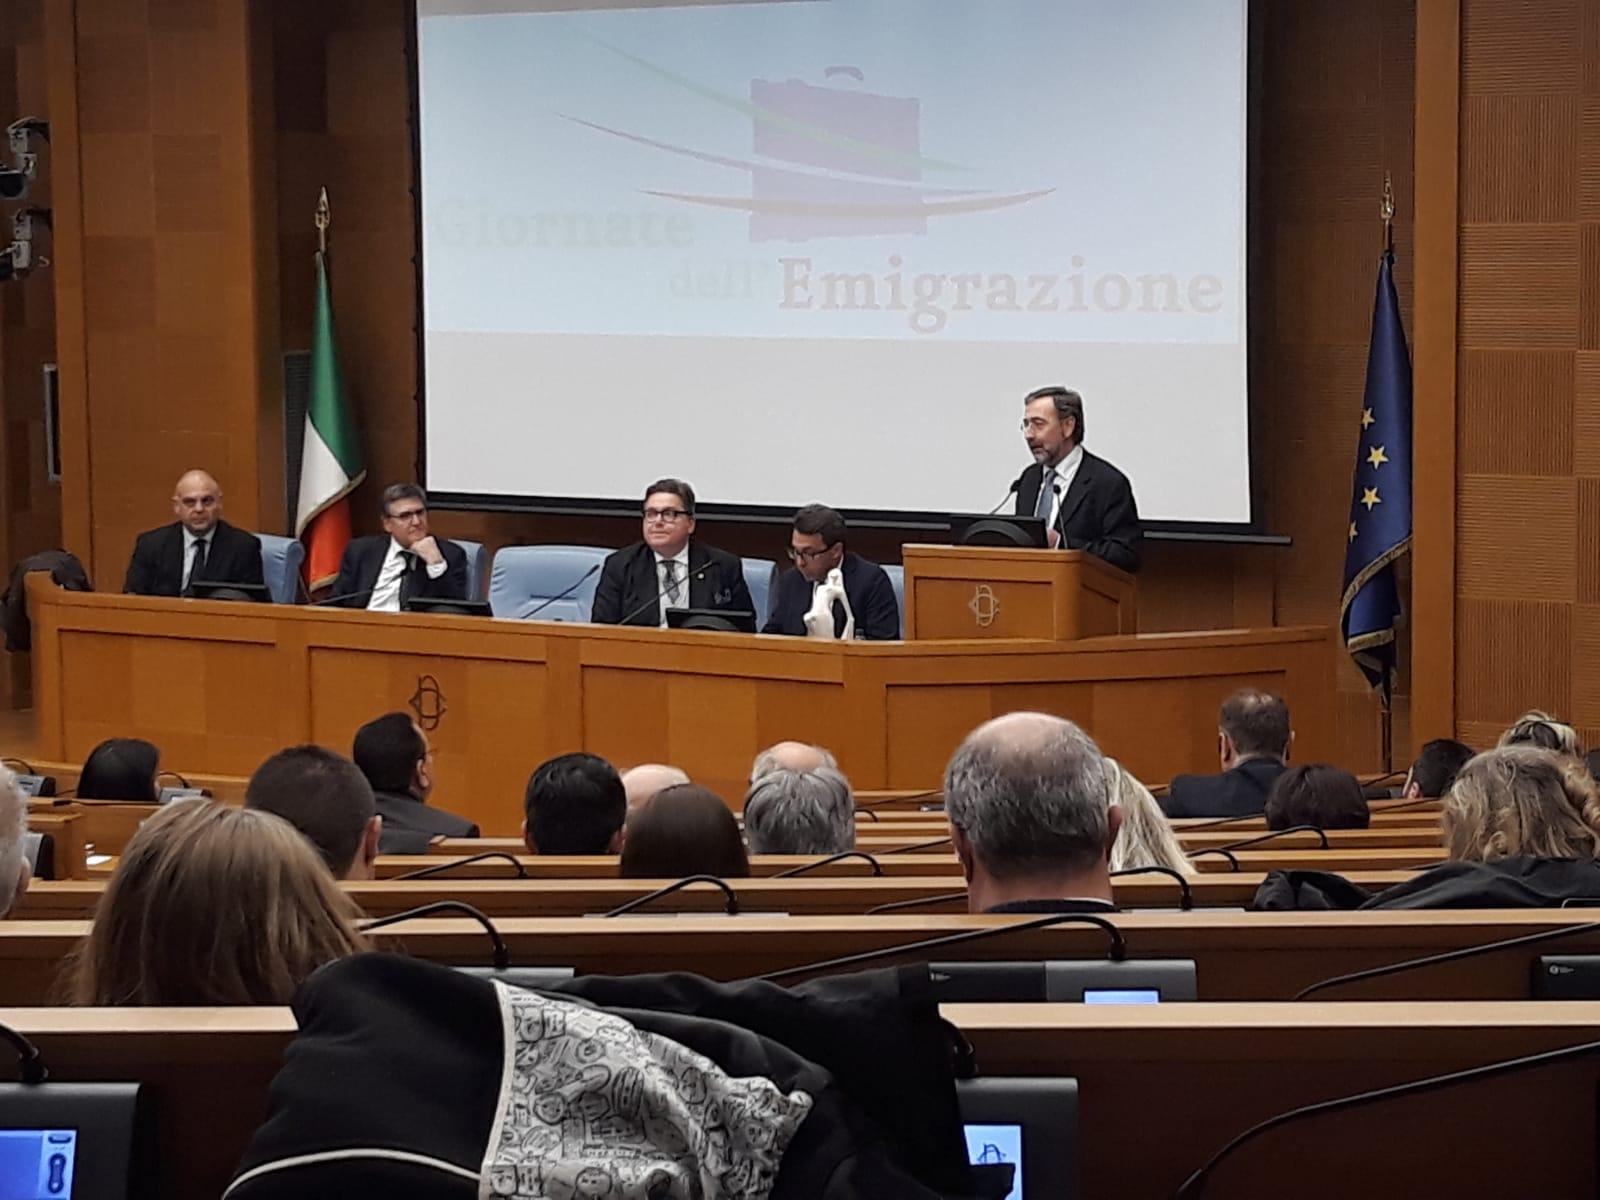 Premio eccellenza italiana alla camera dei gruppi for Camera dei deputati gruppi parlamentari